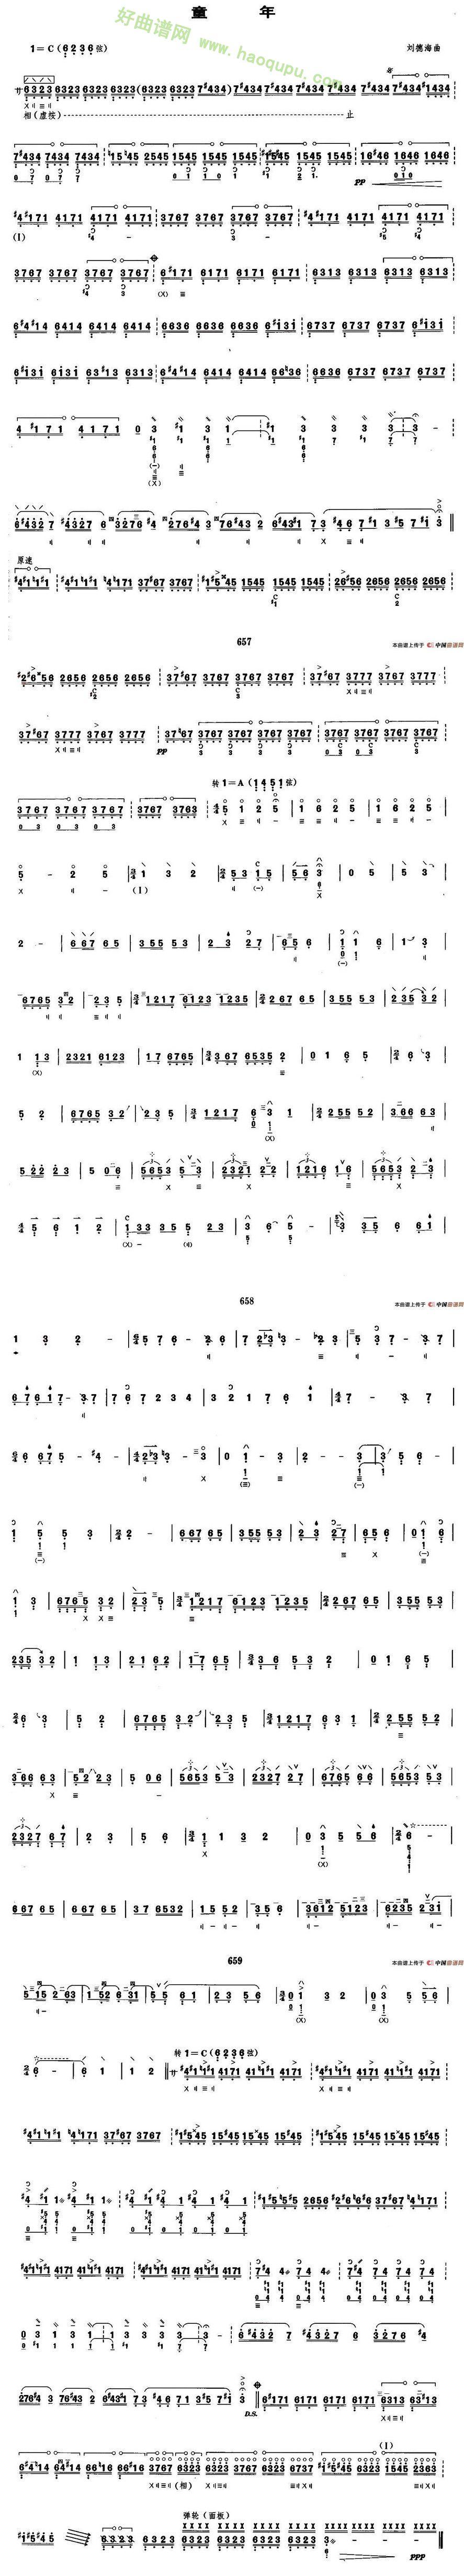 《童年》 琵琶曲谱第1张